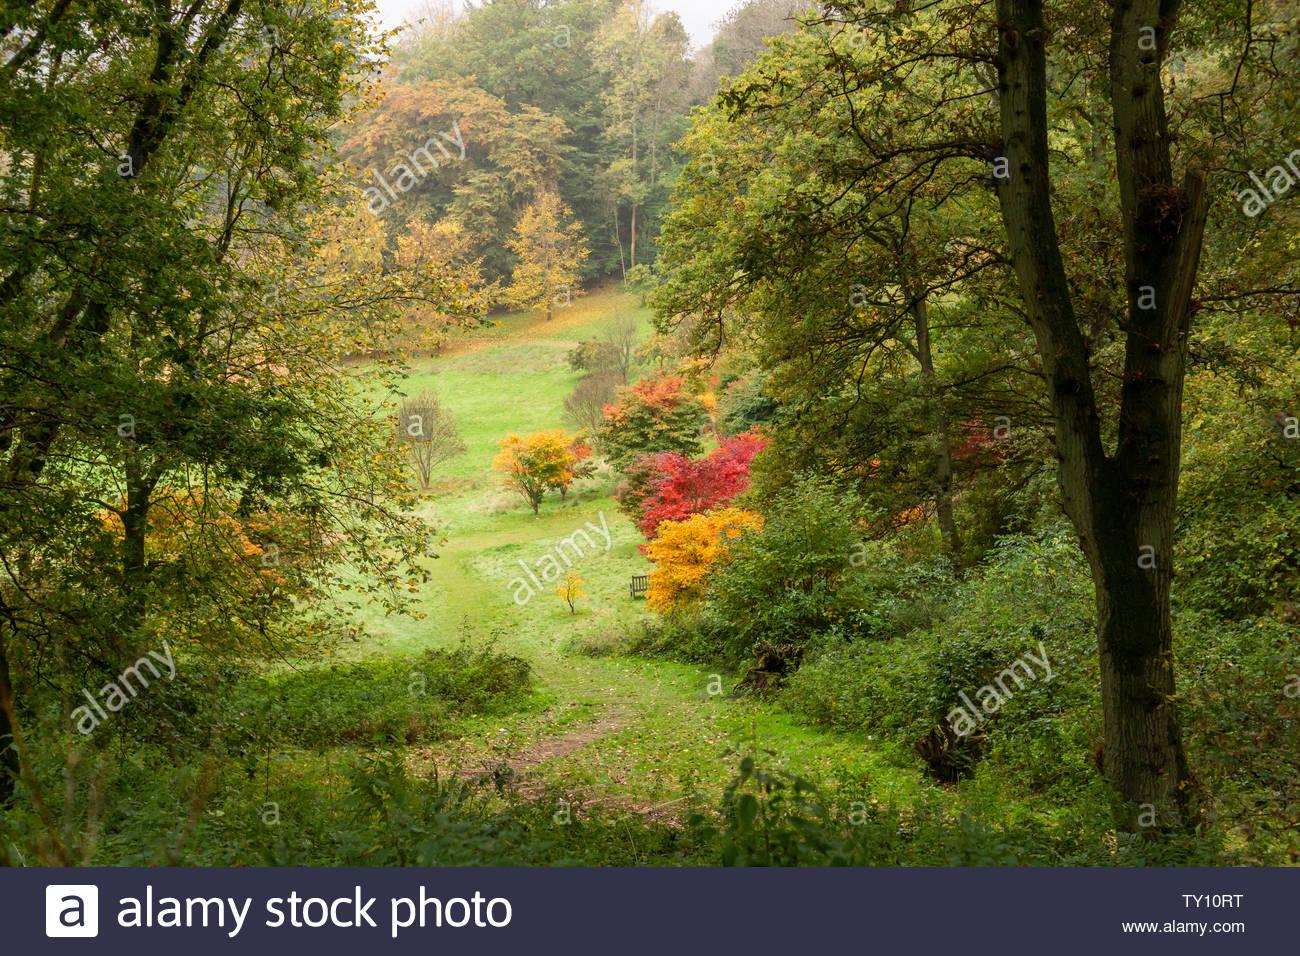 Winkworth Arboretum in Godalming, Surrey, In Autumn, UK - Stock Image